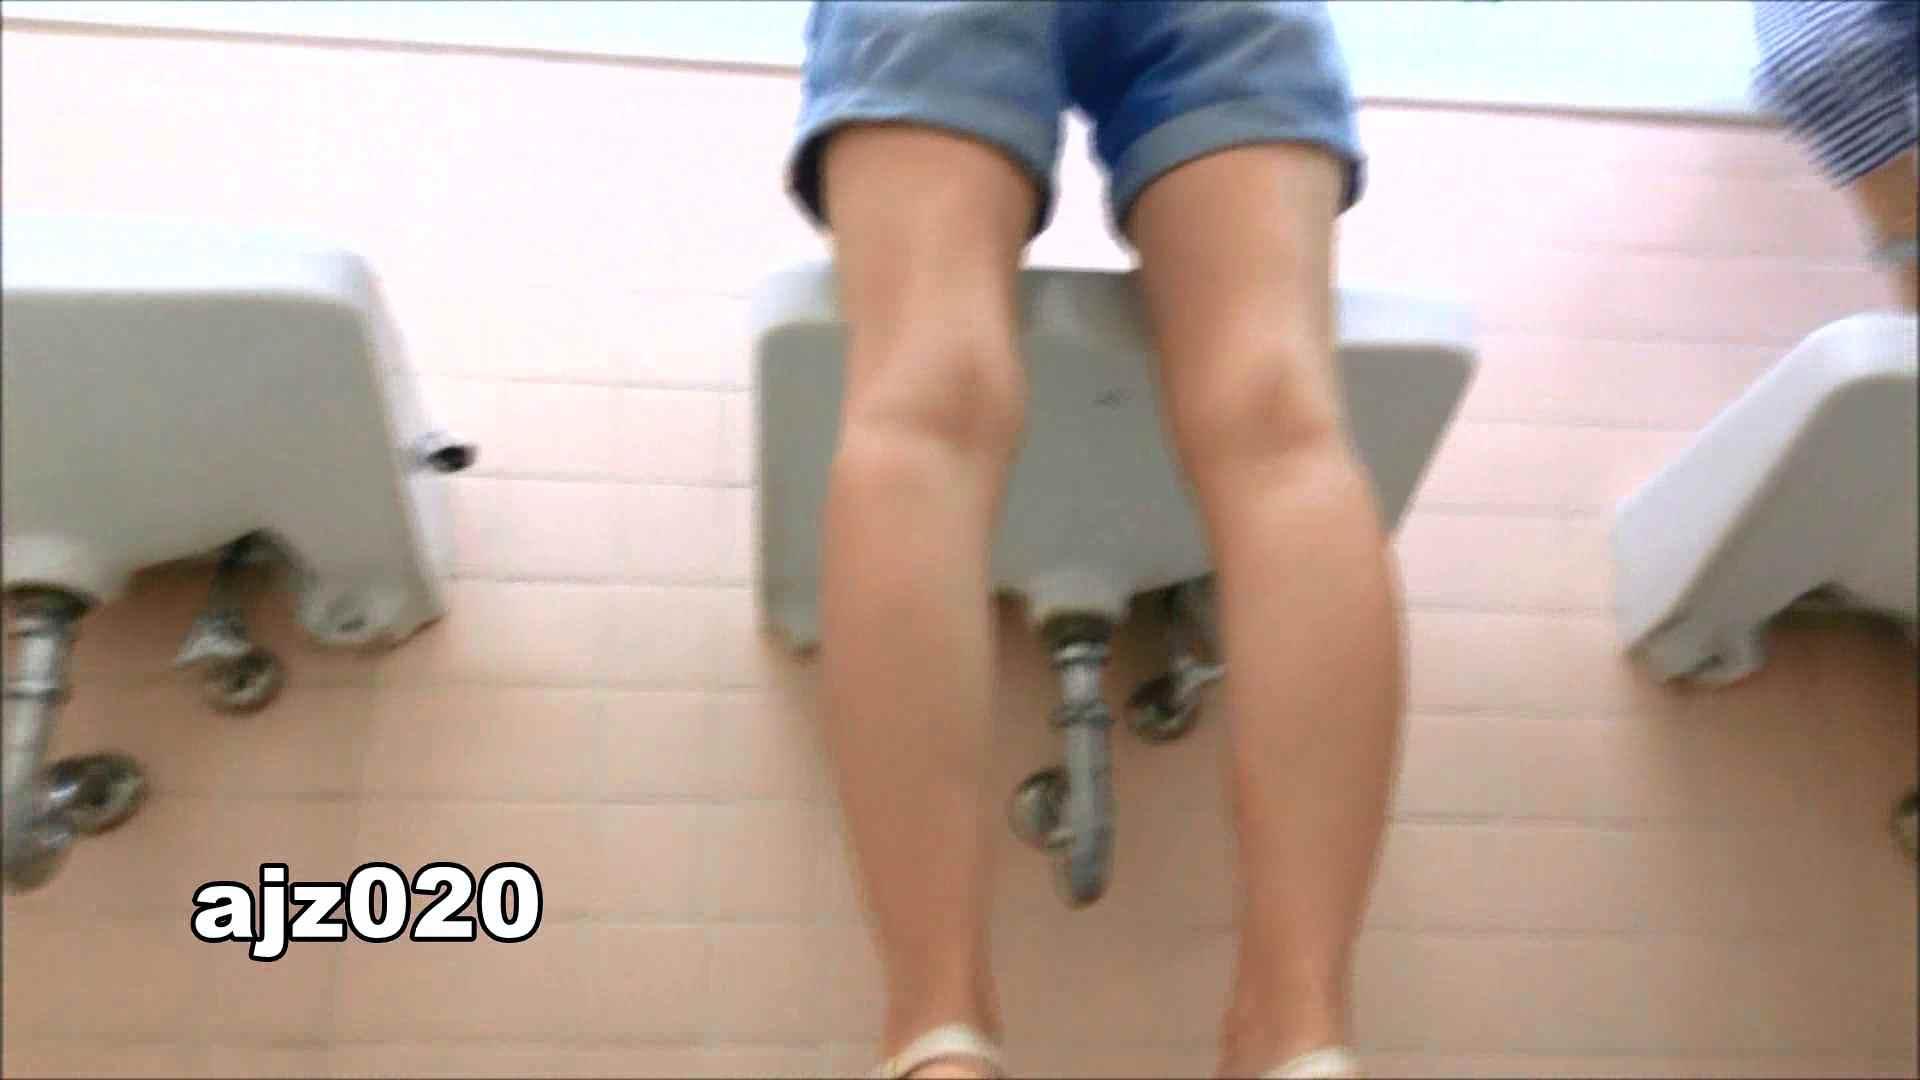 某有名大学女性洗面所 vol.20 洗面所  76PIX 62